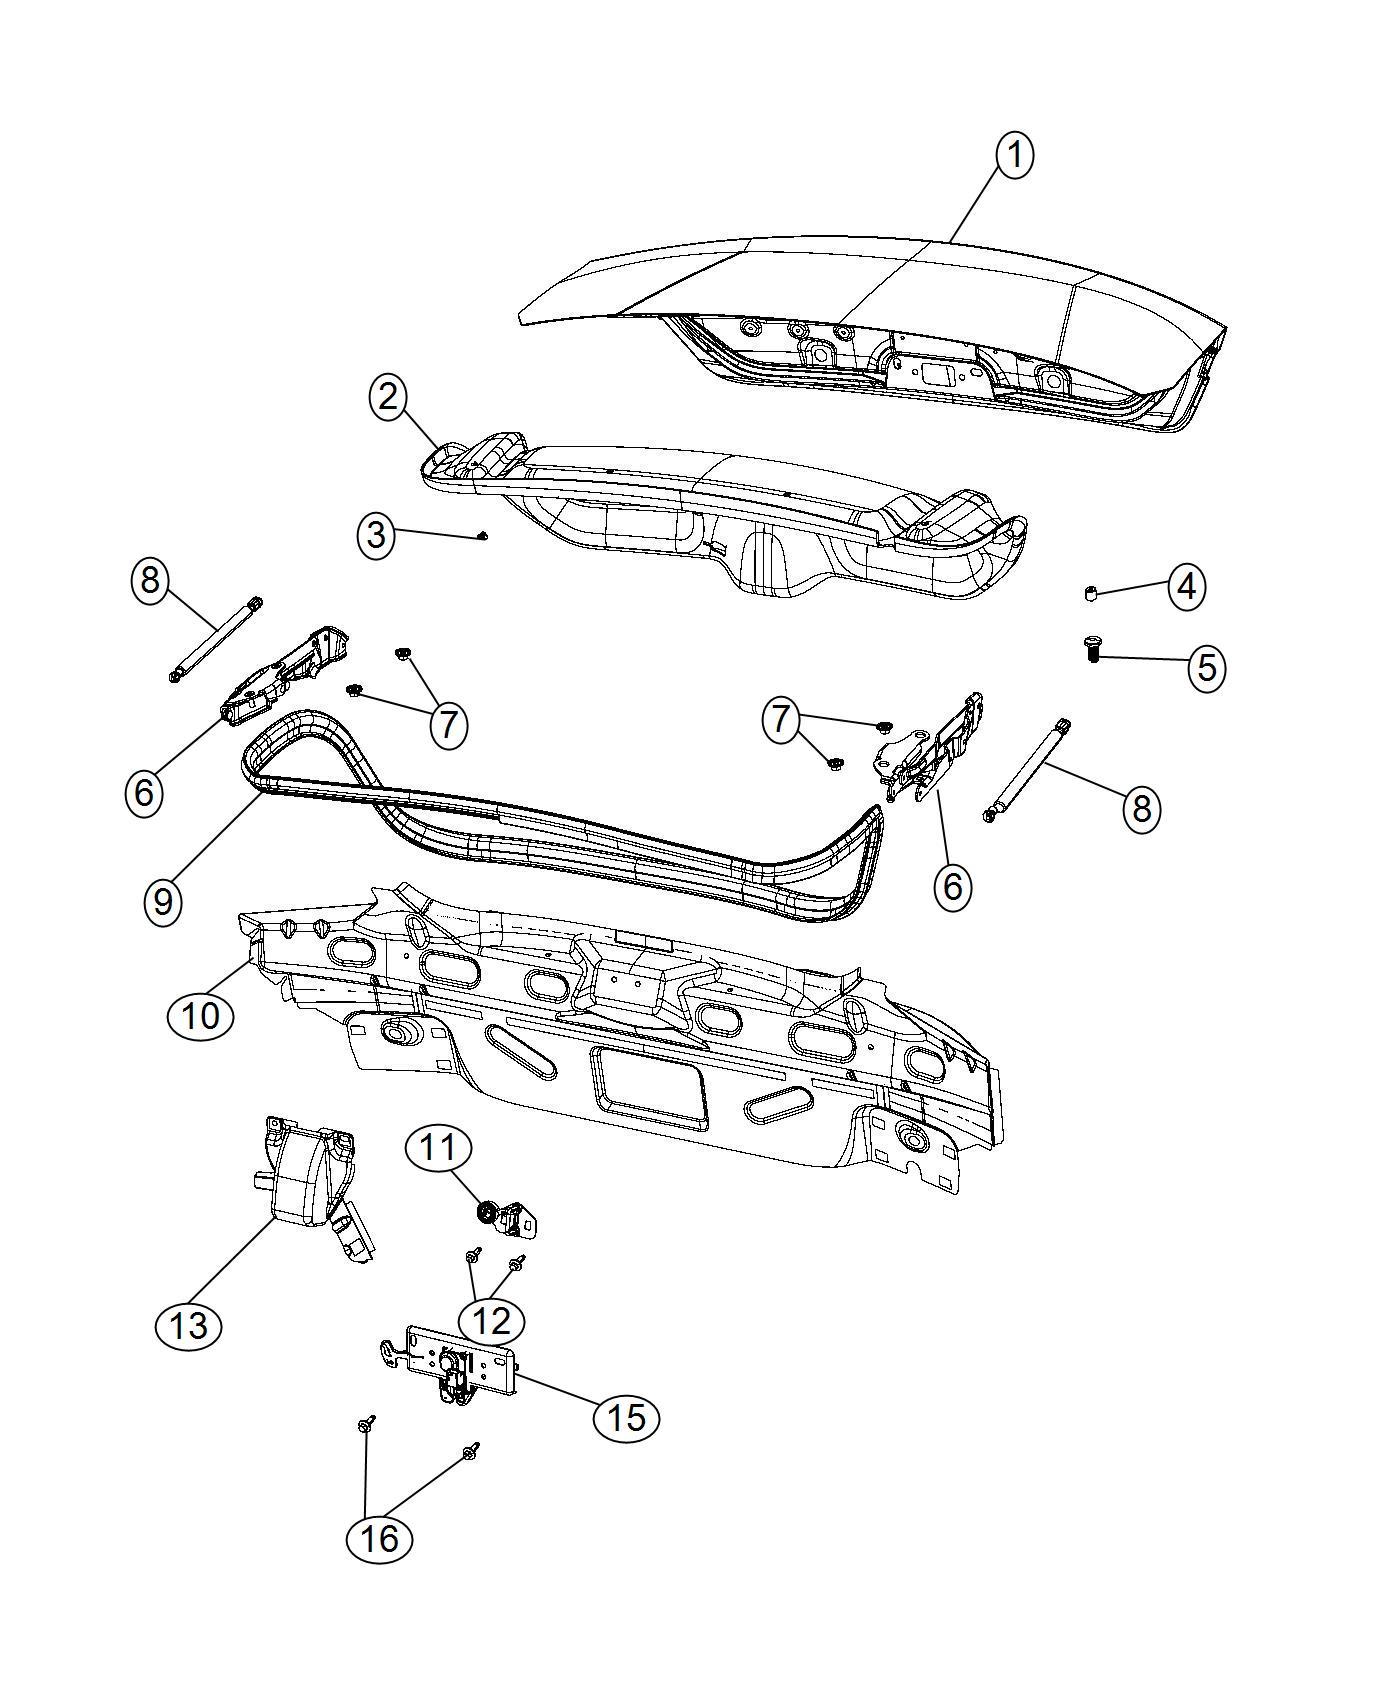 2014 Chrysler 200 Latch. Decklid. Body, related, mopar